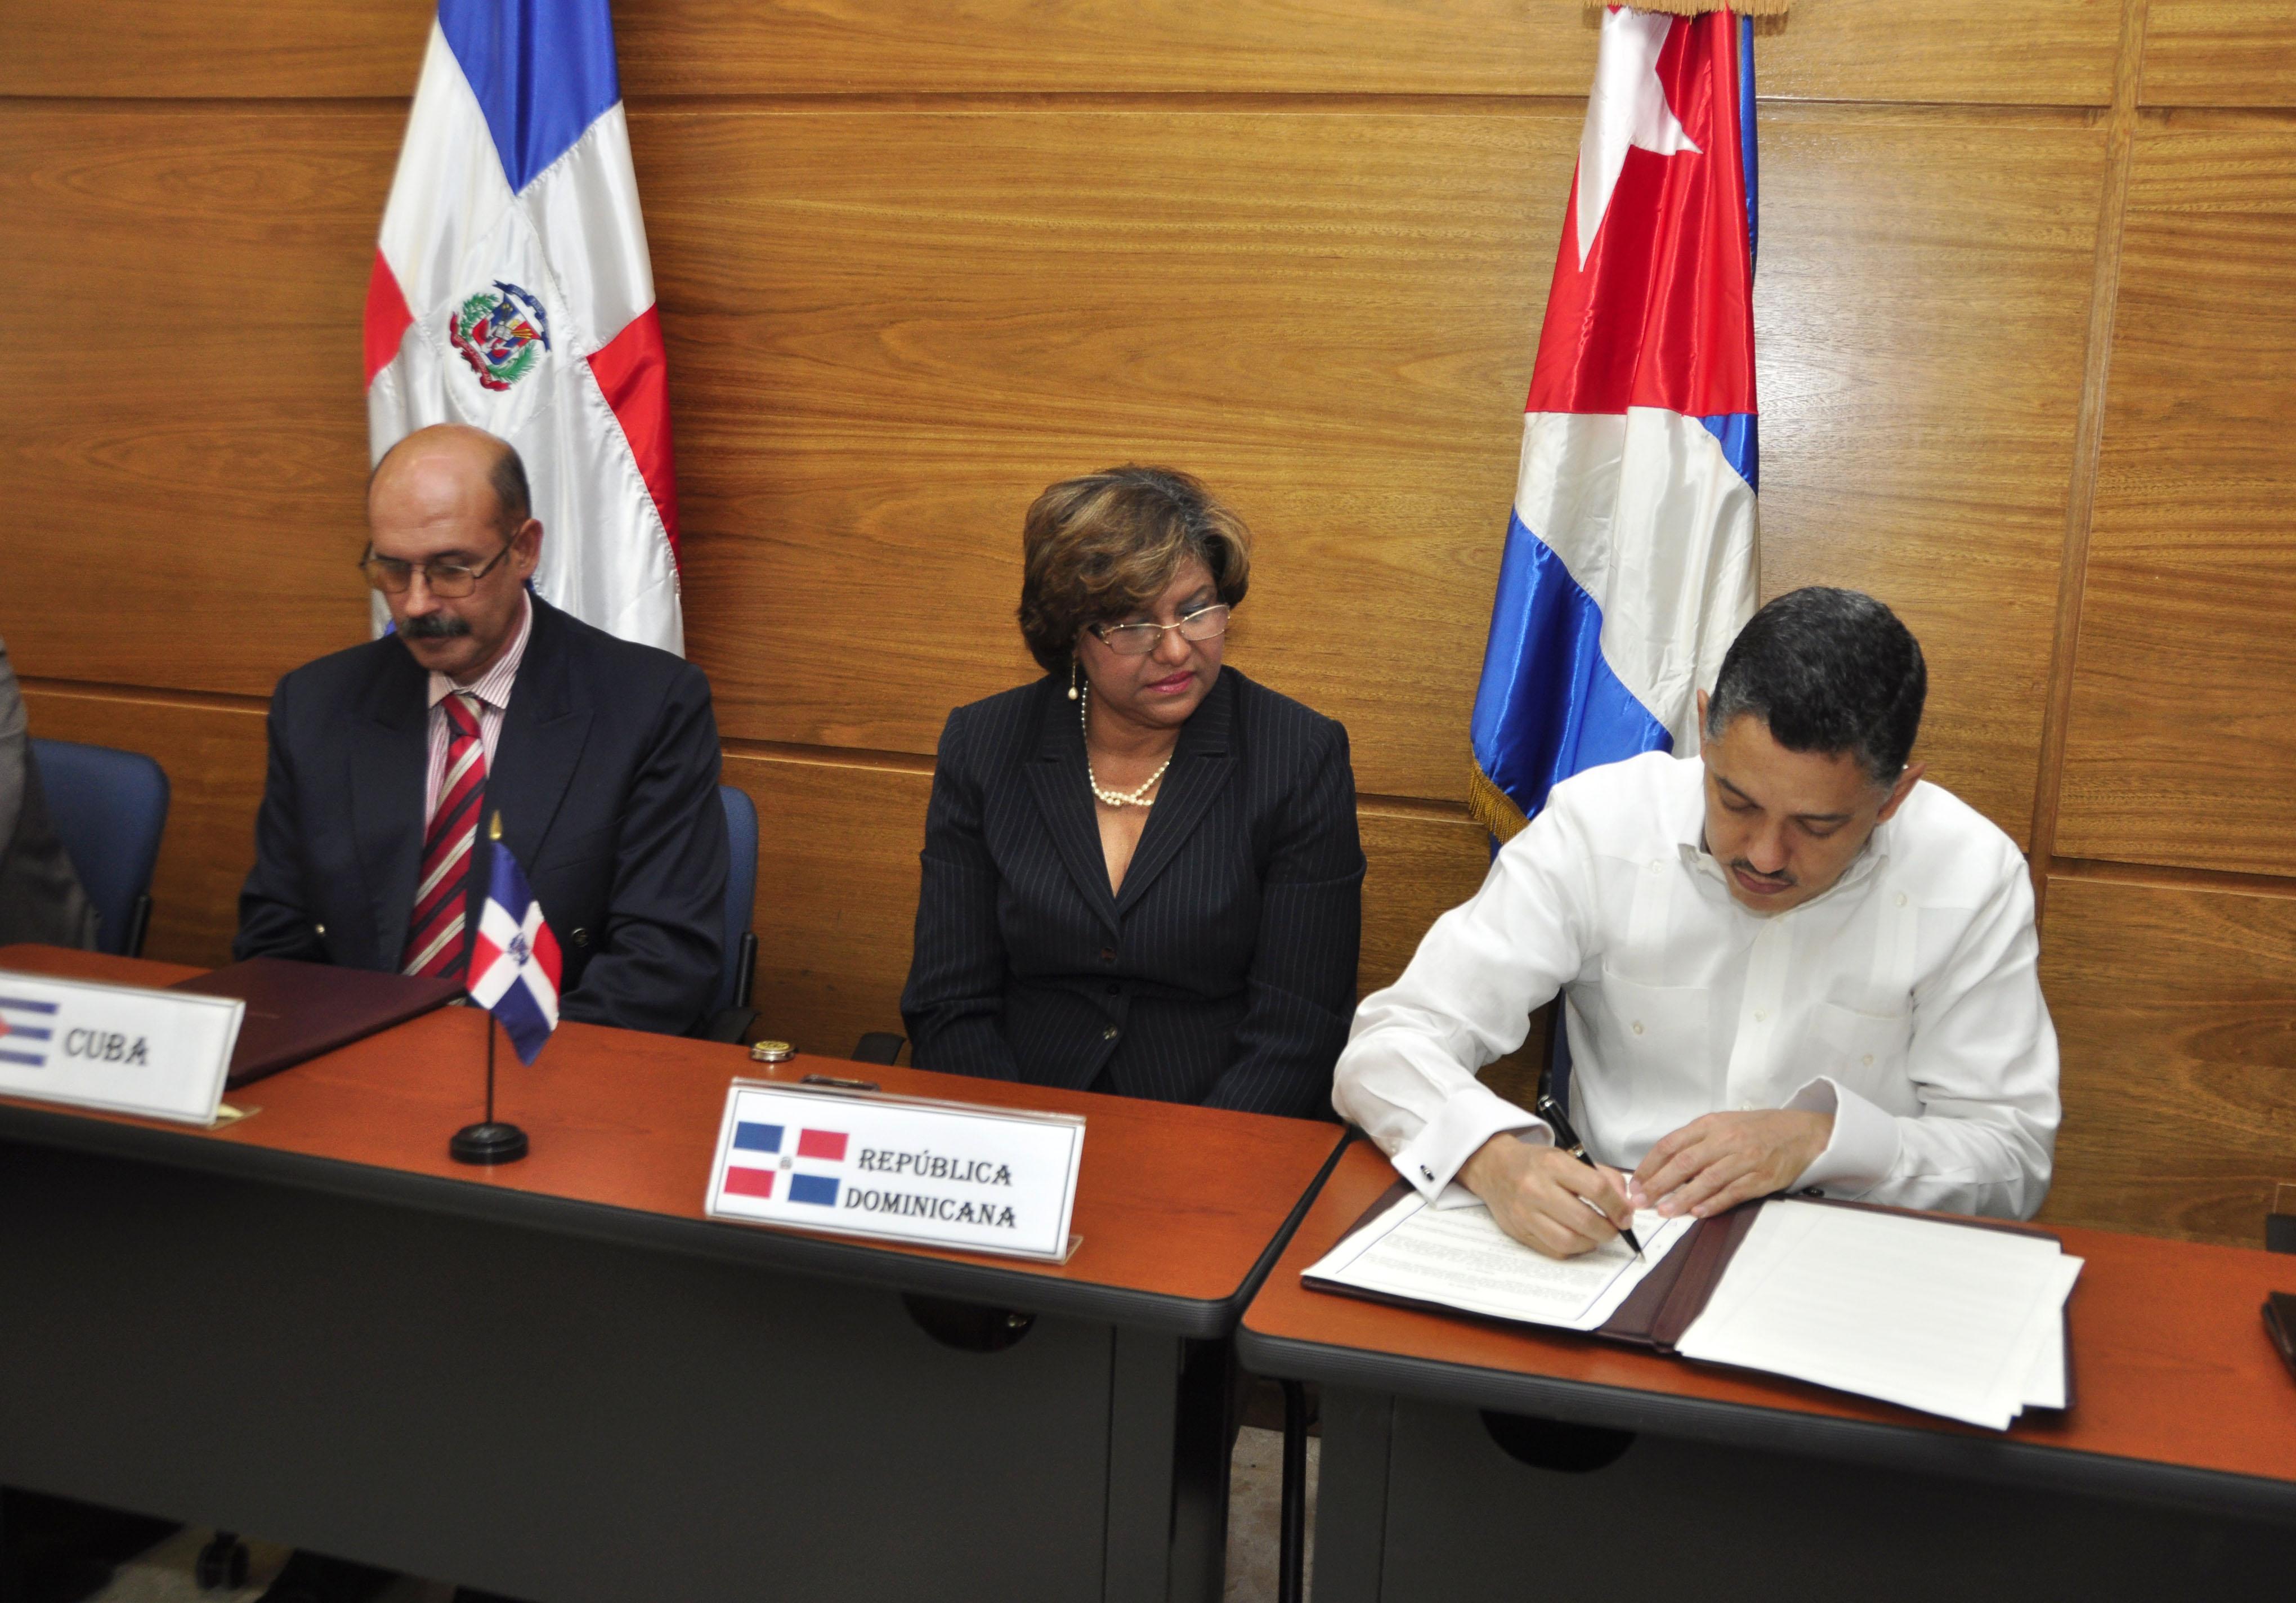 Taveras Blanco resalta lucha Cuba-RD en combate a tráfico de personas